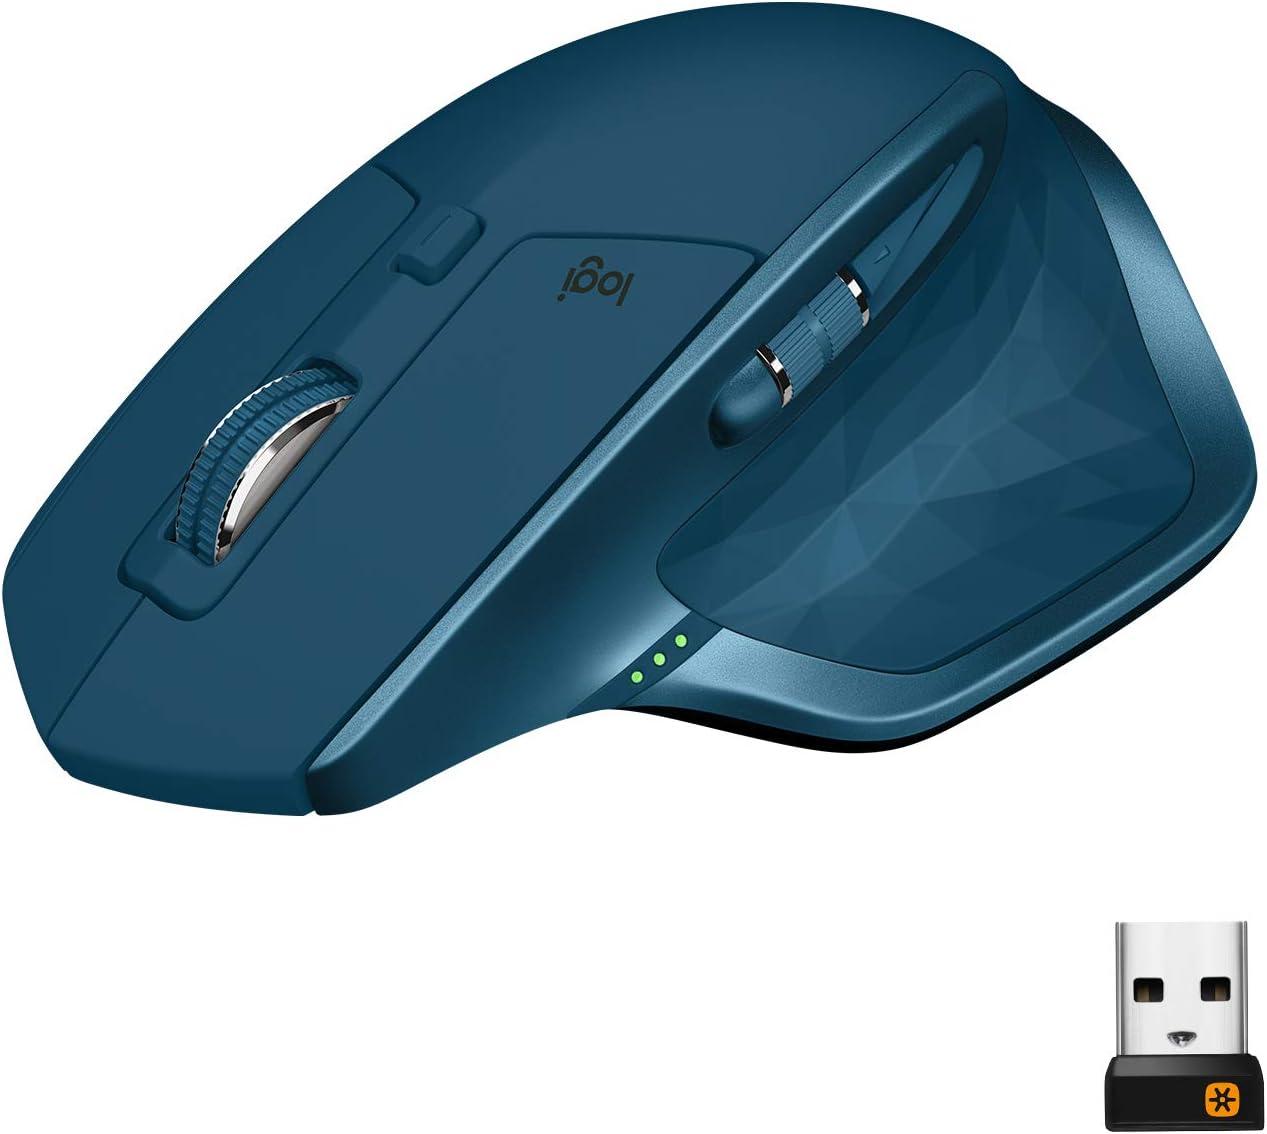 Logitech MX Master 2S Ratón inalámbrico, Múltiples Dispositivos, Bluetooth o 2.4GHz, Receptor USB Unifying, 4000 DPI Seguimiento en Cualquier Superficie, 7 Botones, PC/Mac/i Pad OS, Azul